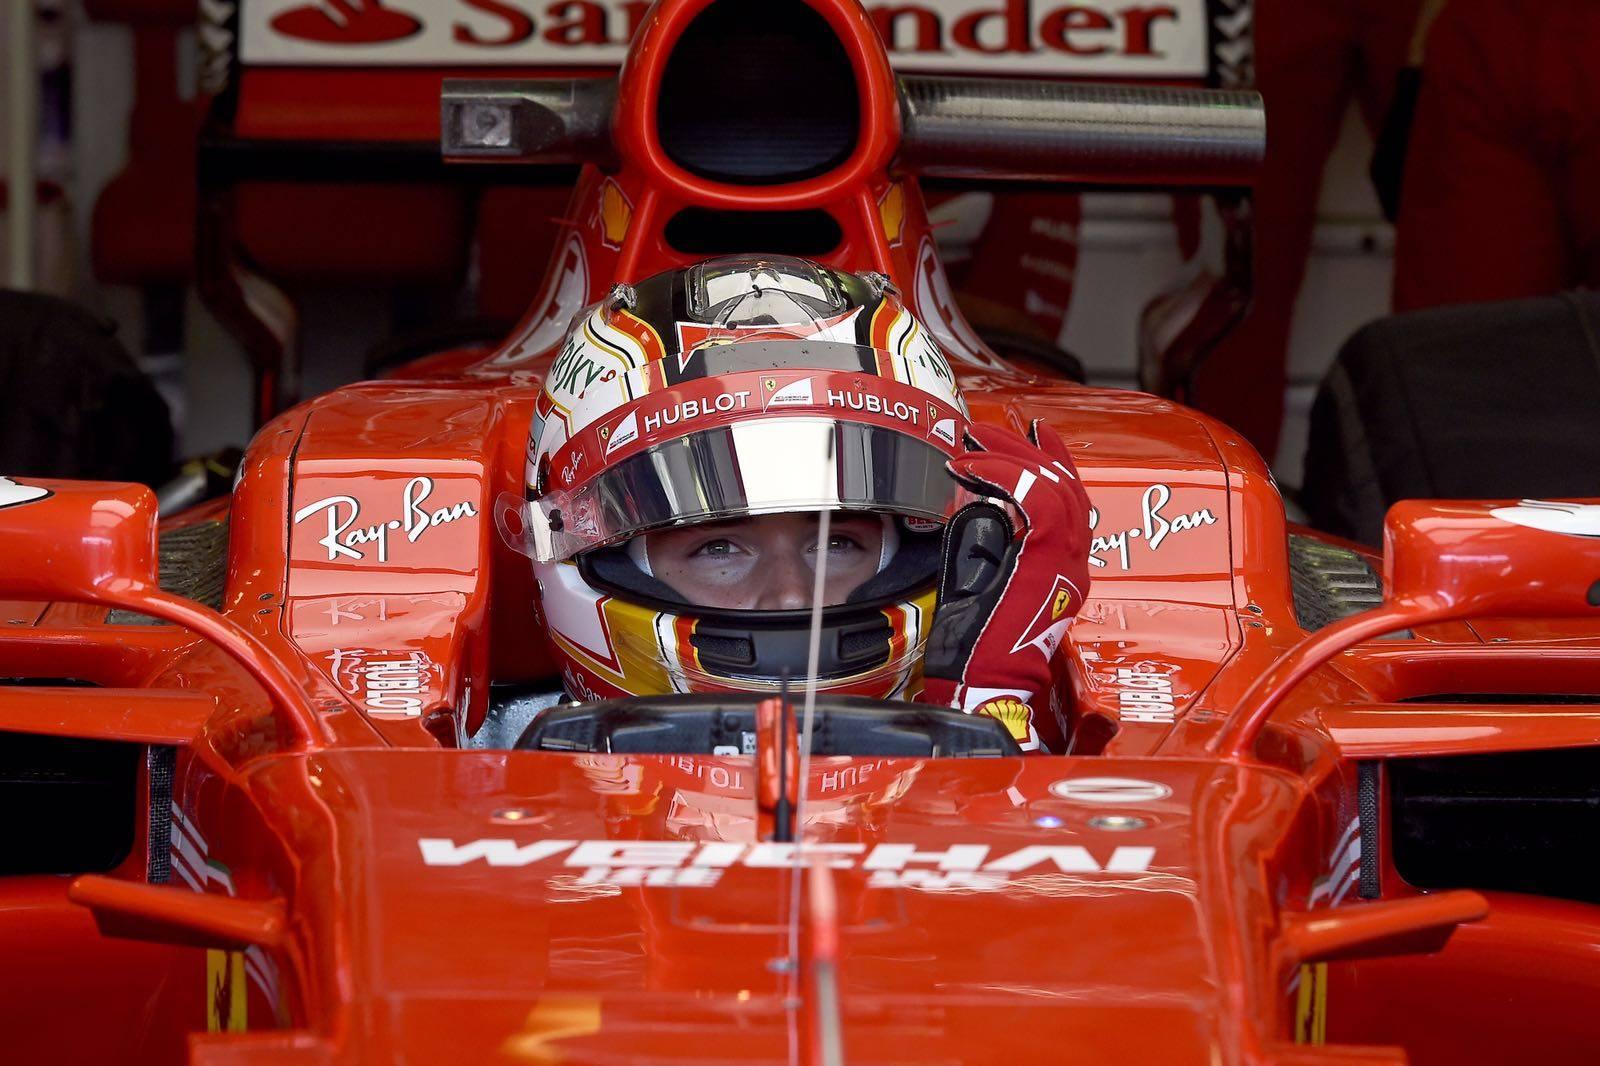 2018 Ferrari Kimi Raikkonen